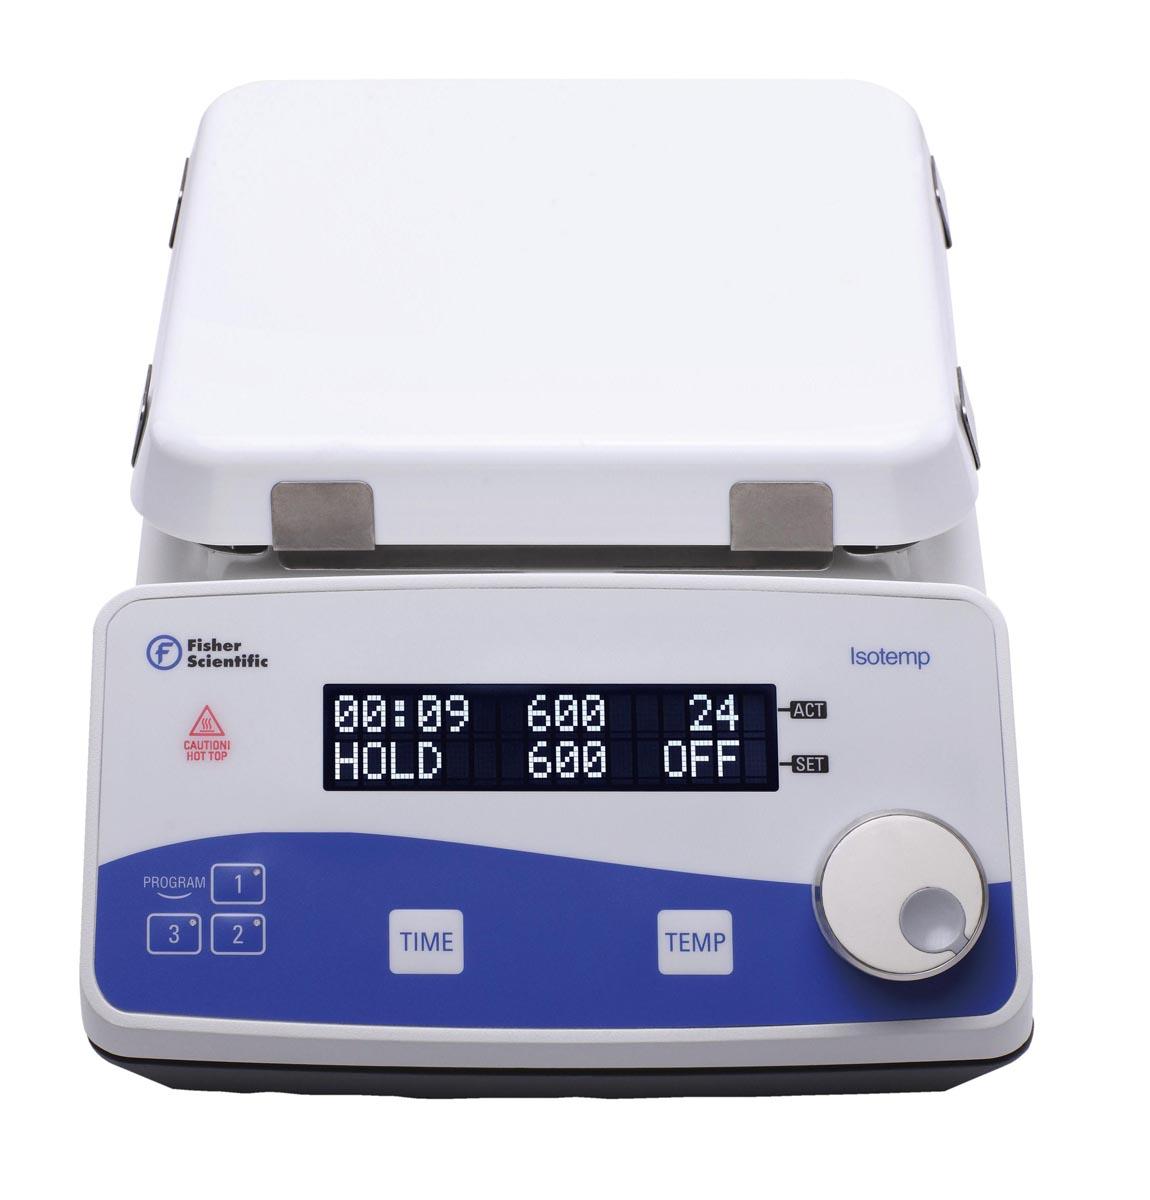 サーモフィッシャーサイエンティフィック デジタルホットプレート HP88857290